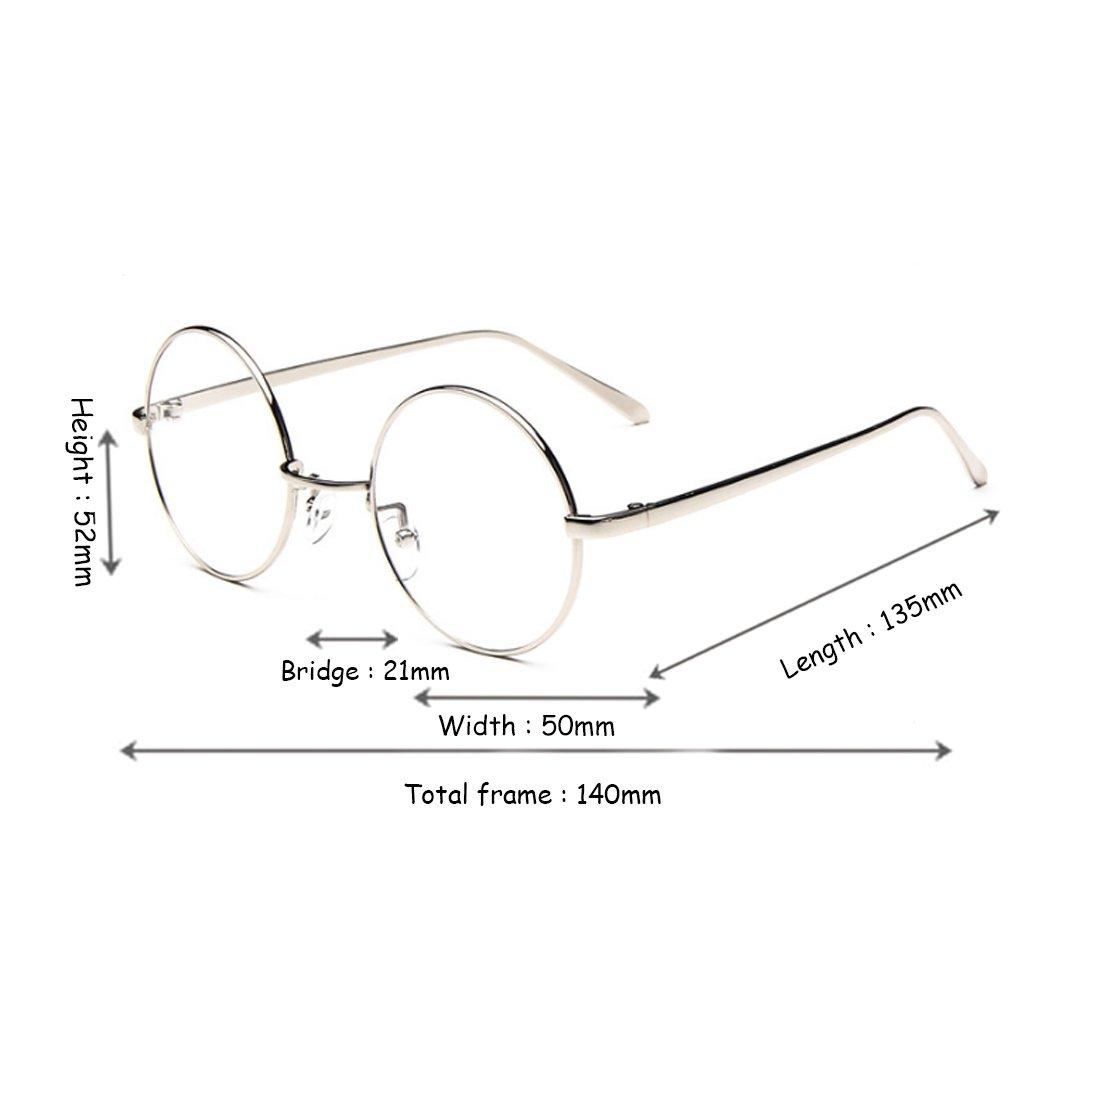 46cd34bd0b Yefree Femme Mâle Verres pour la myopie Lunettes rondes Cadre lunettes  fines Cadre rétro: Amazon.fr: Vêtements et accessoires